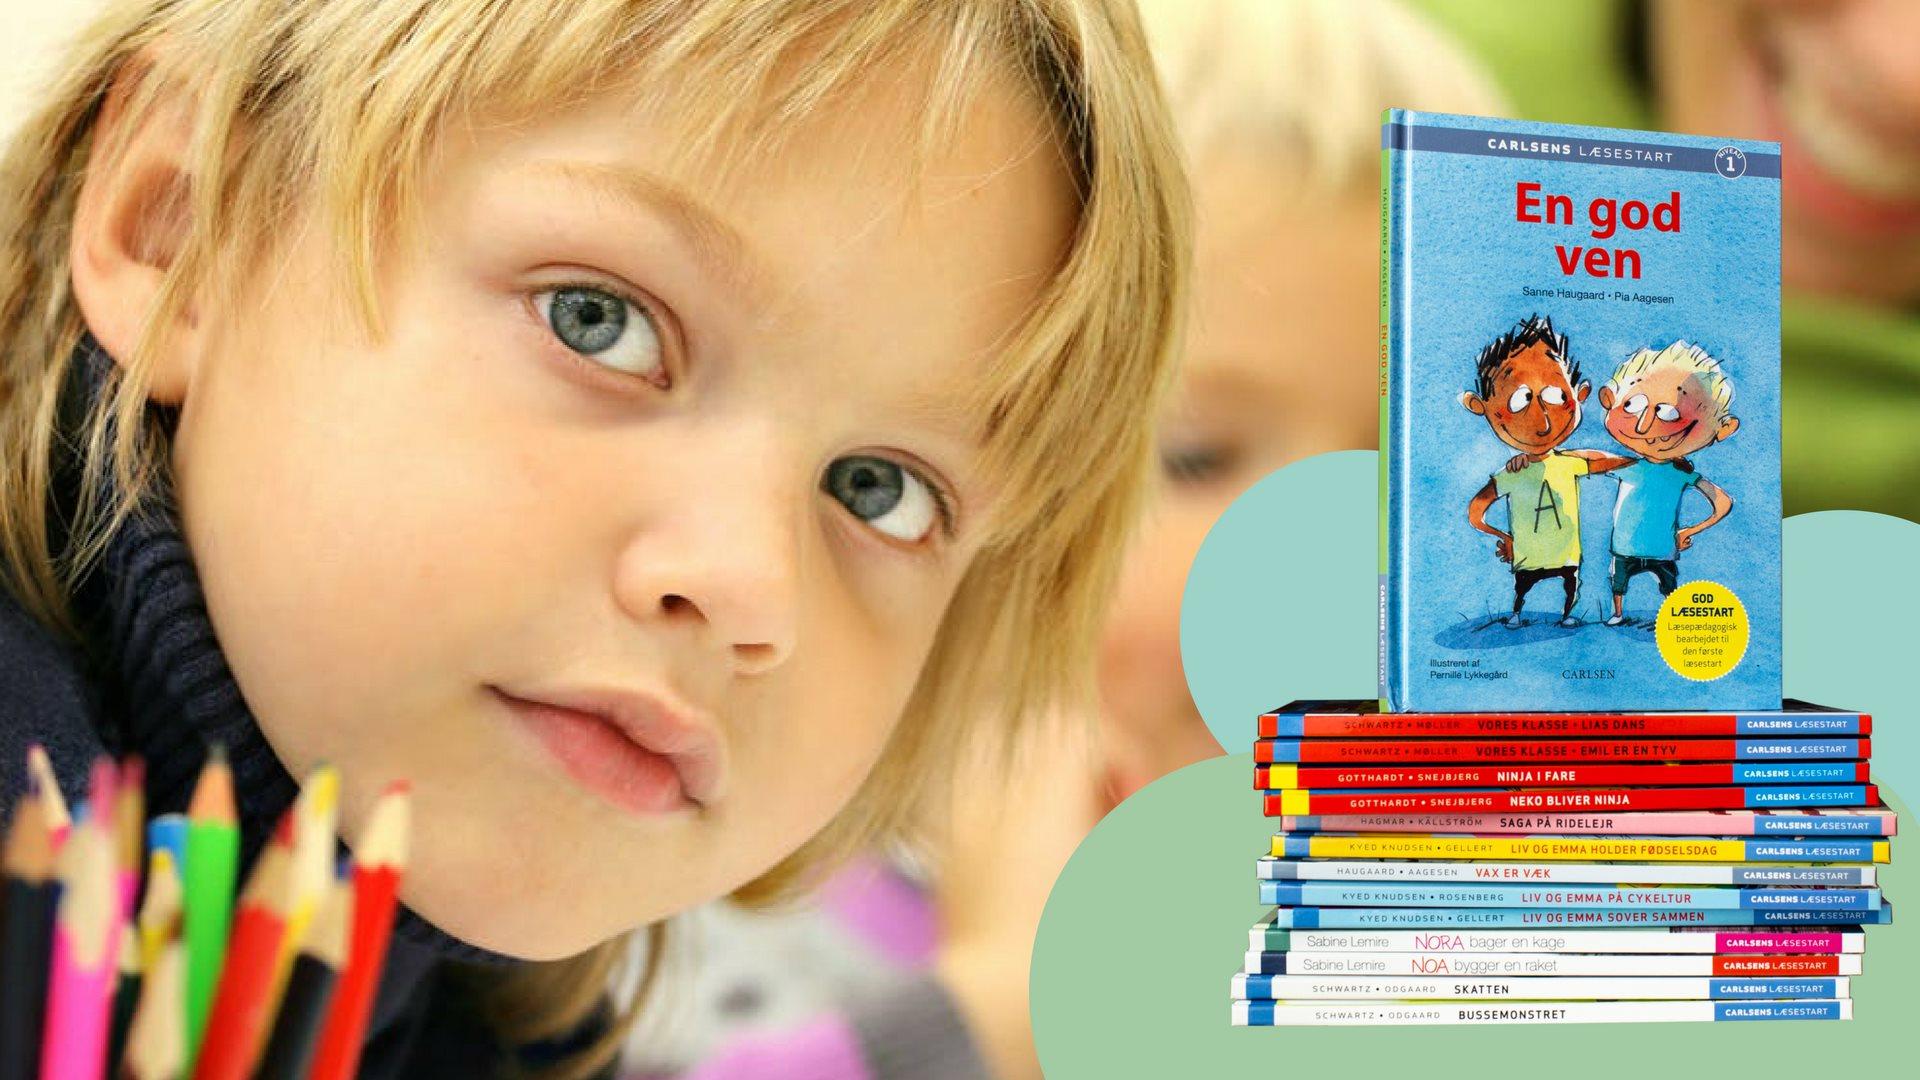 Carlsens læsestart, læsestart, lixtal, lettal, lær at læse, skolestart, letlæsning, selvlæsning, nye læsere